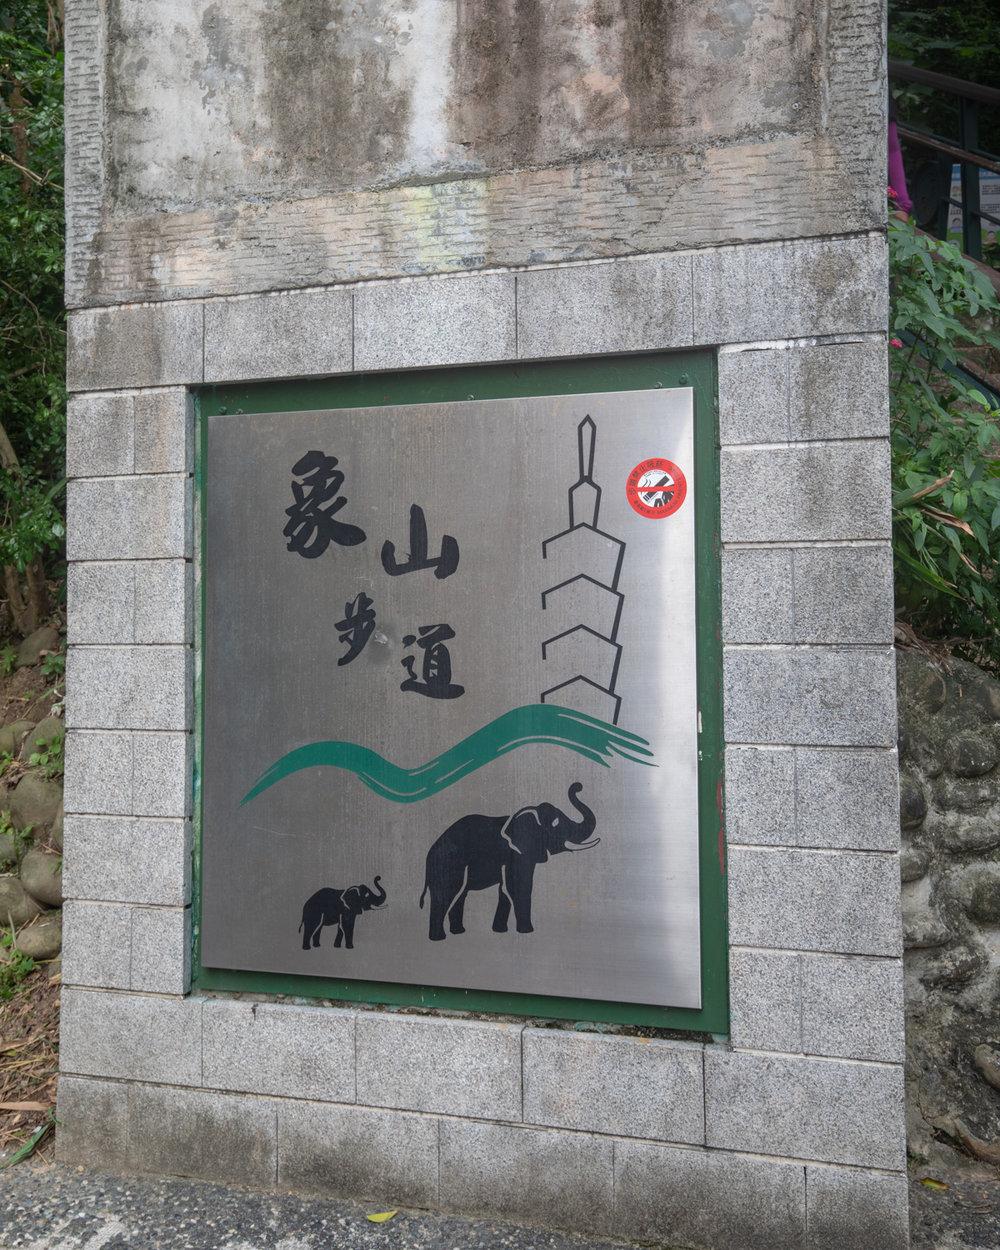 Getting to Elephant Mountain - Taipei